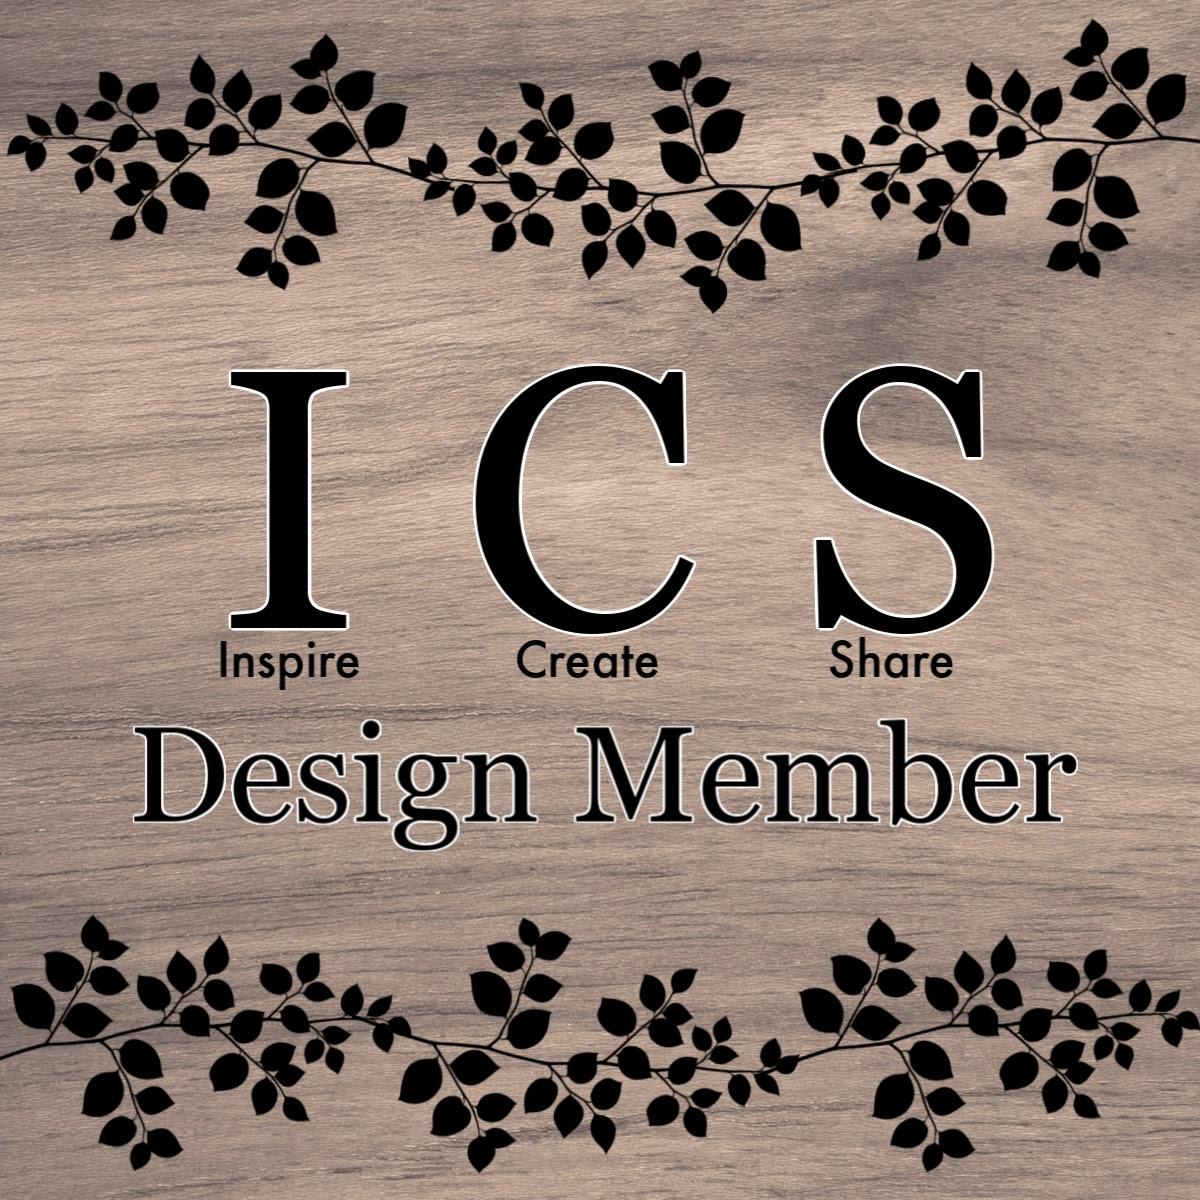 ICS Design Member